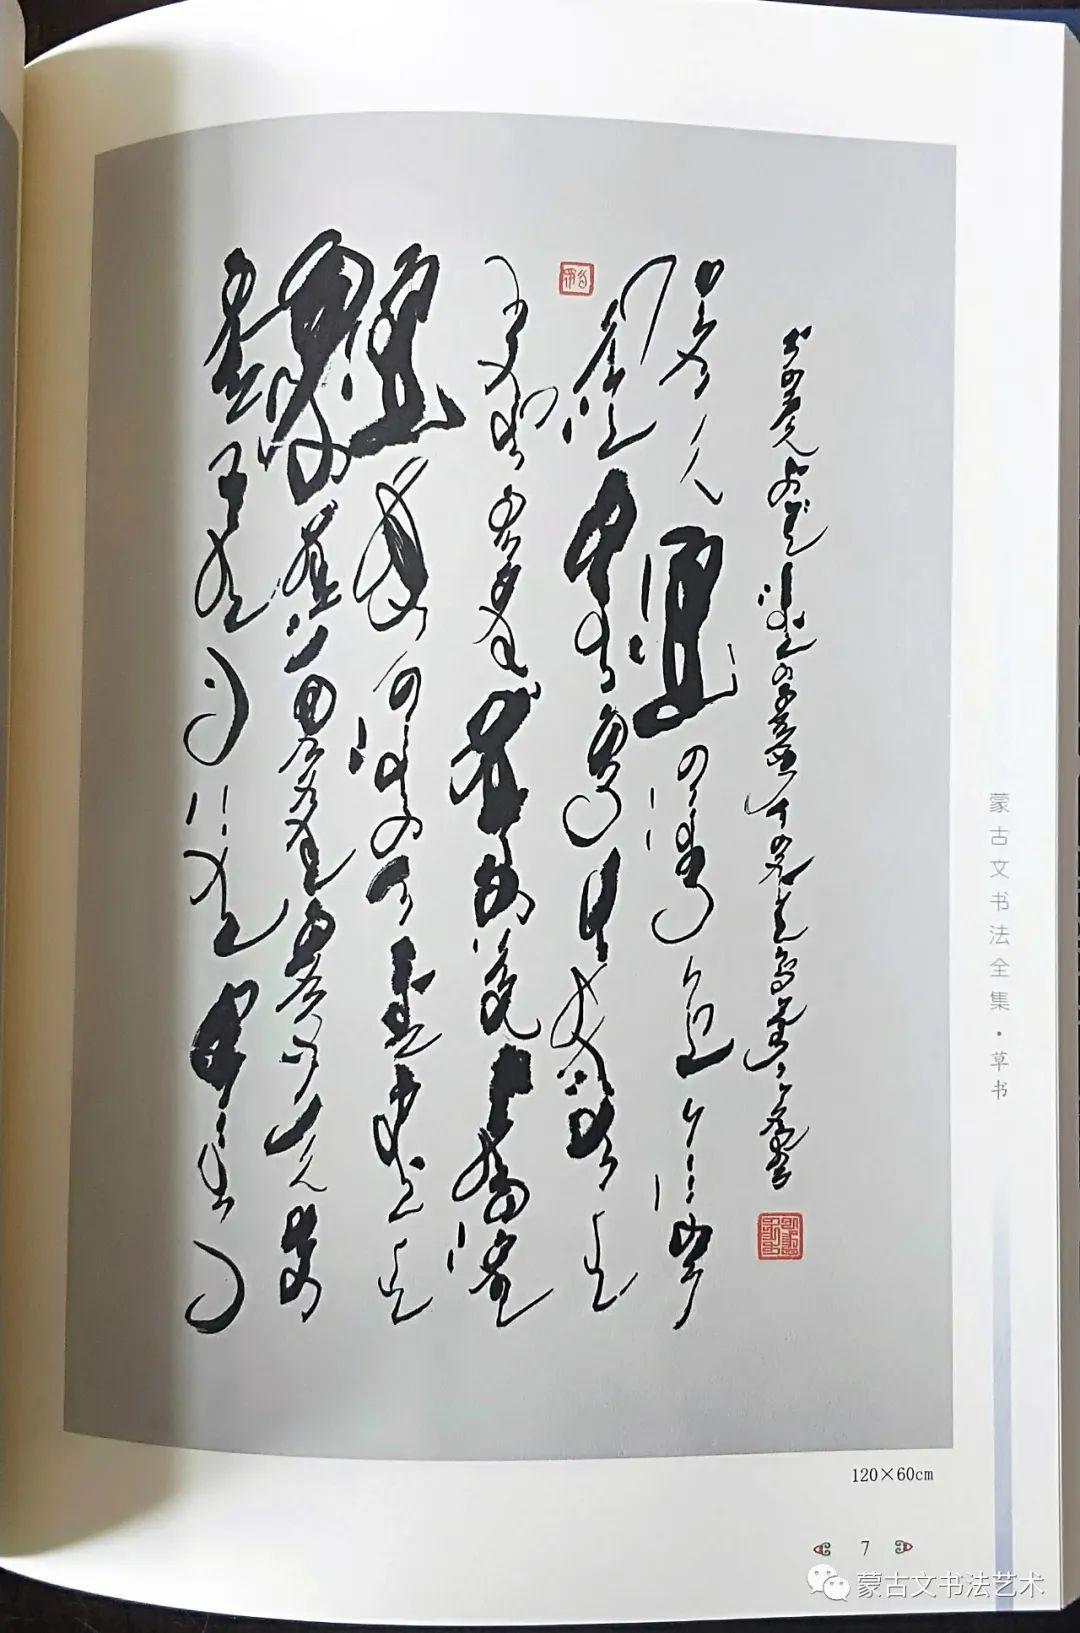 蒙古文书法全集 第18张 蒙古文书法全集 蒙古书法